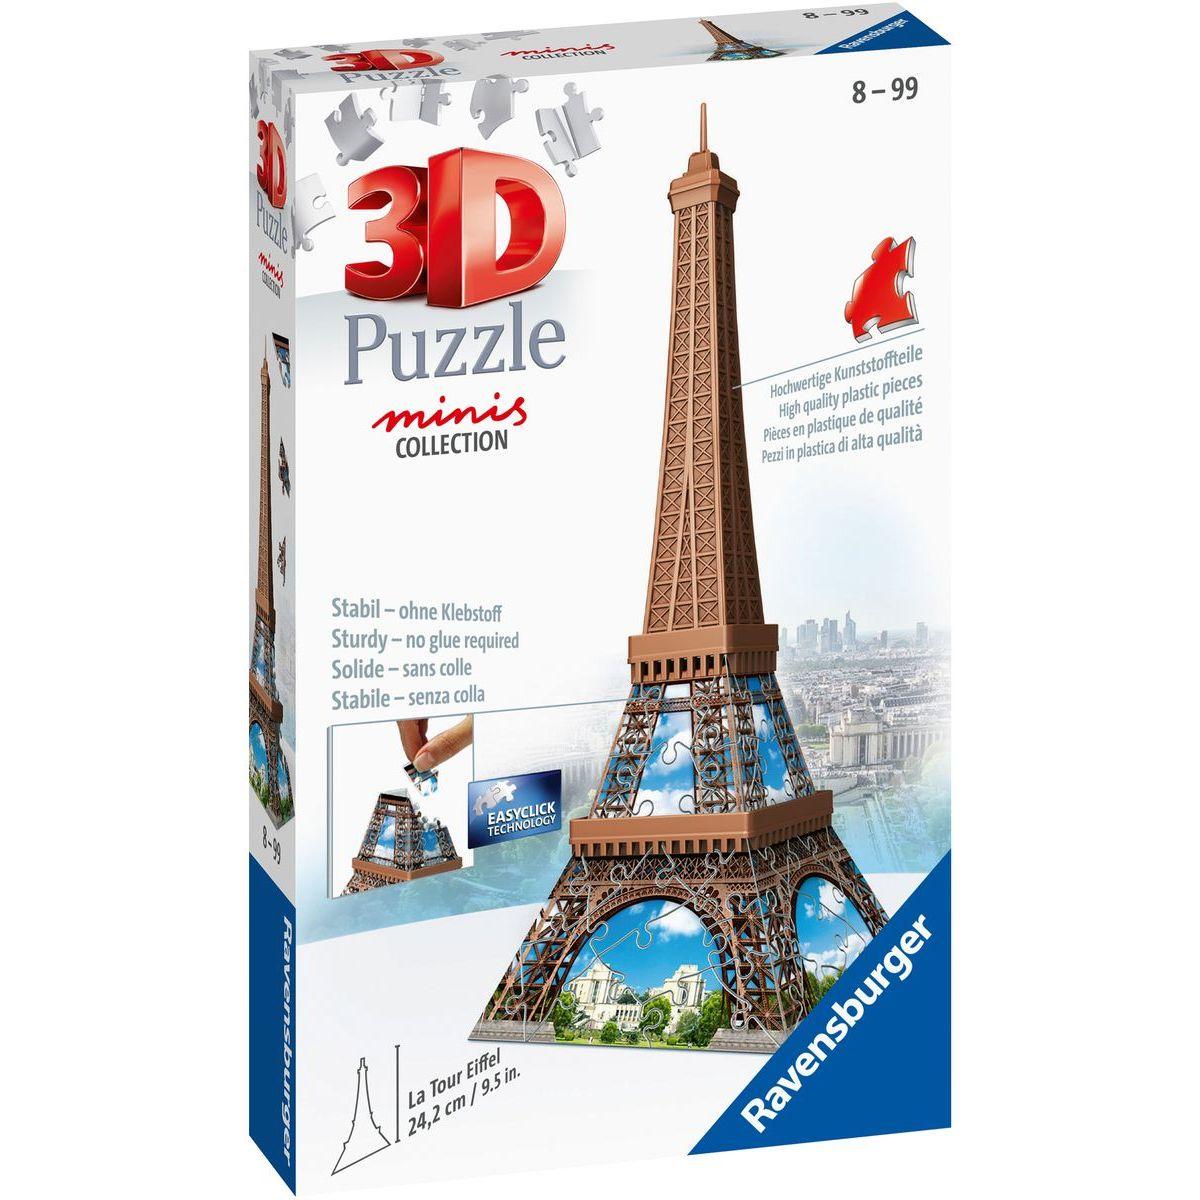 Ravensburger 3D Puzzle Mini budova Eiffelova věž položka 54 dílků